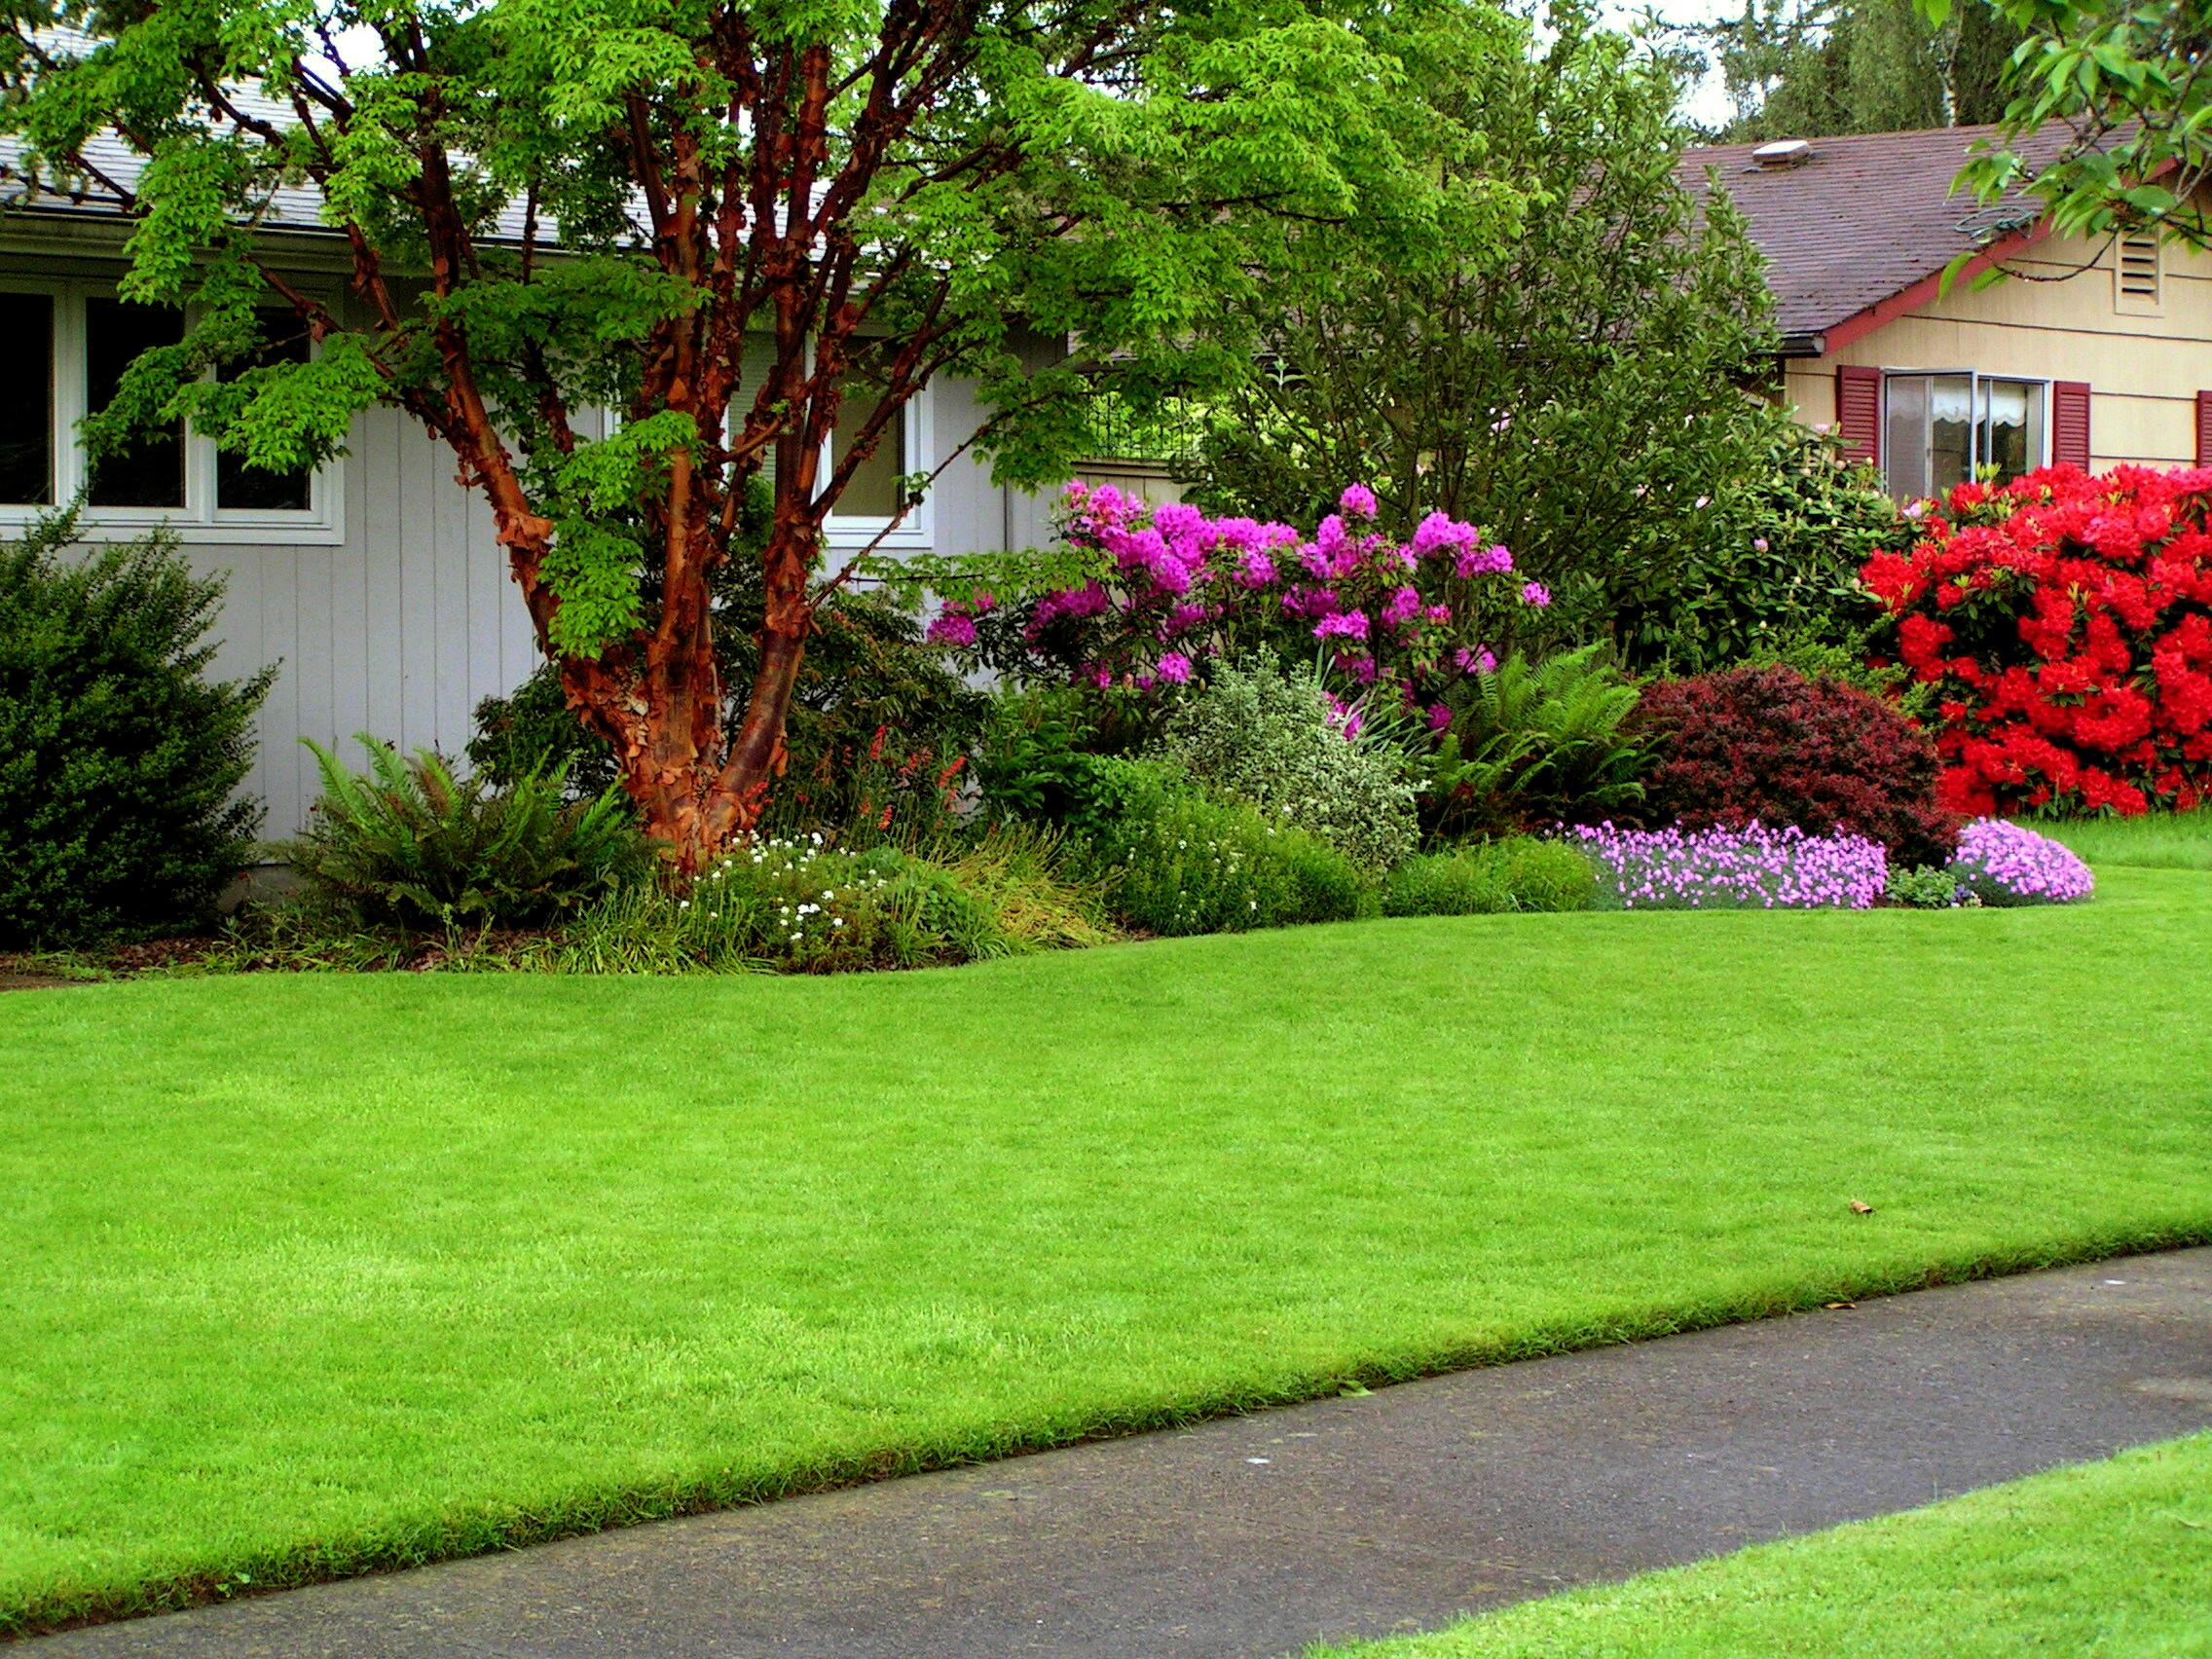 одним достоинством дизайн лужайки перед домом фото там все чистенько